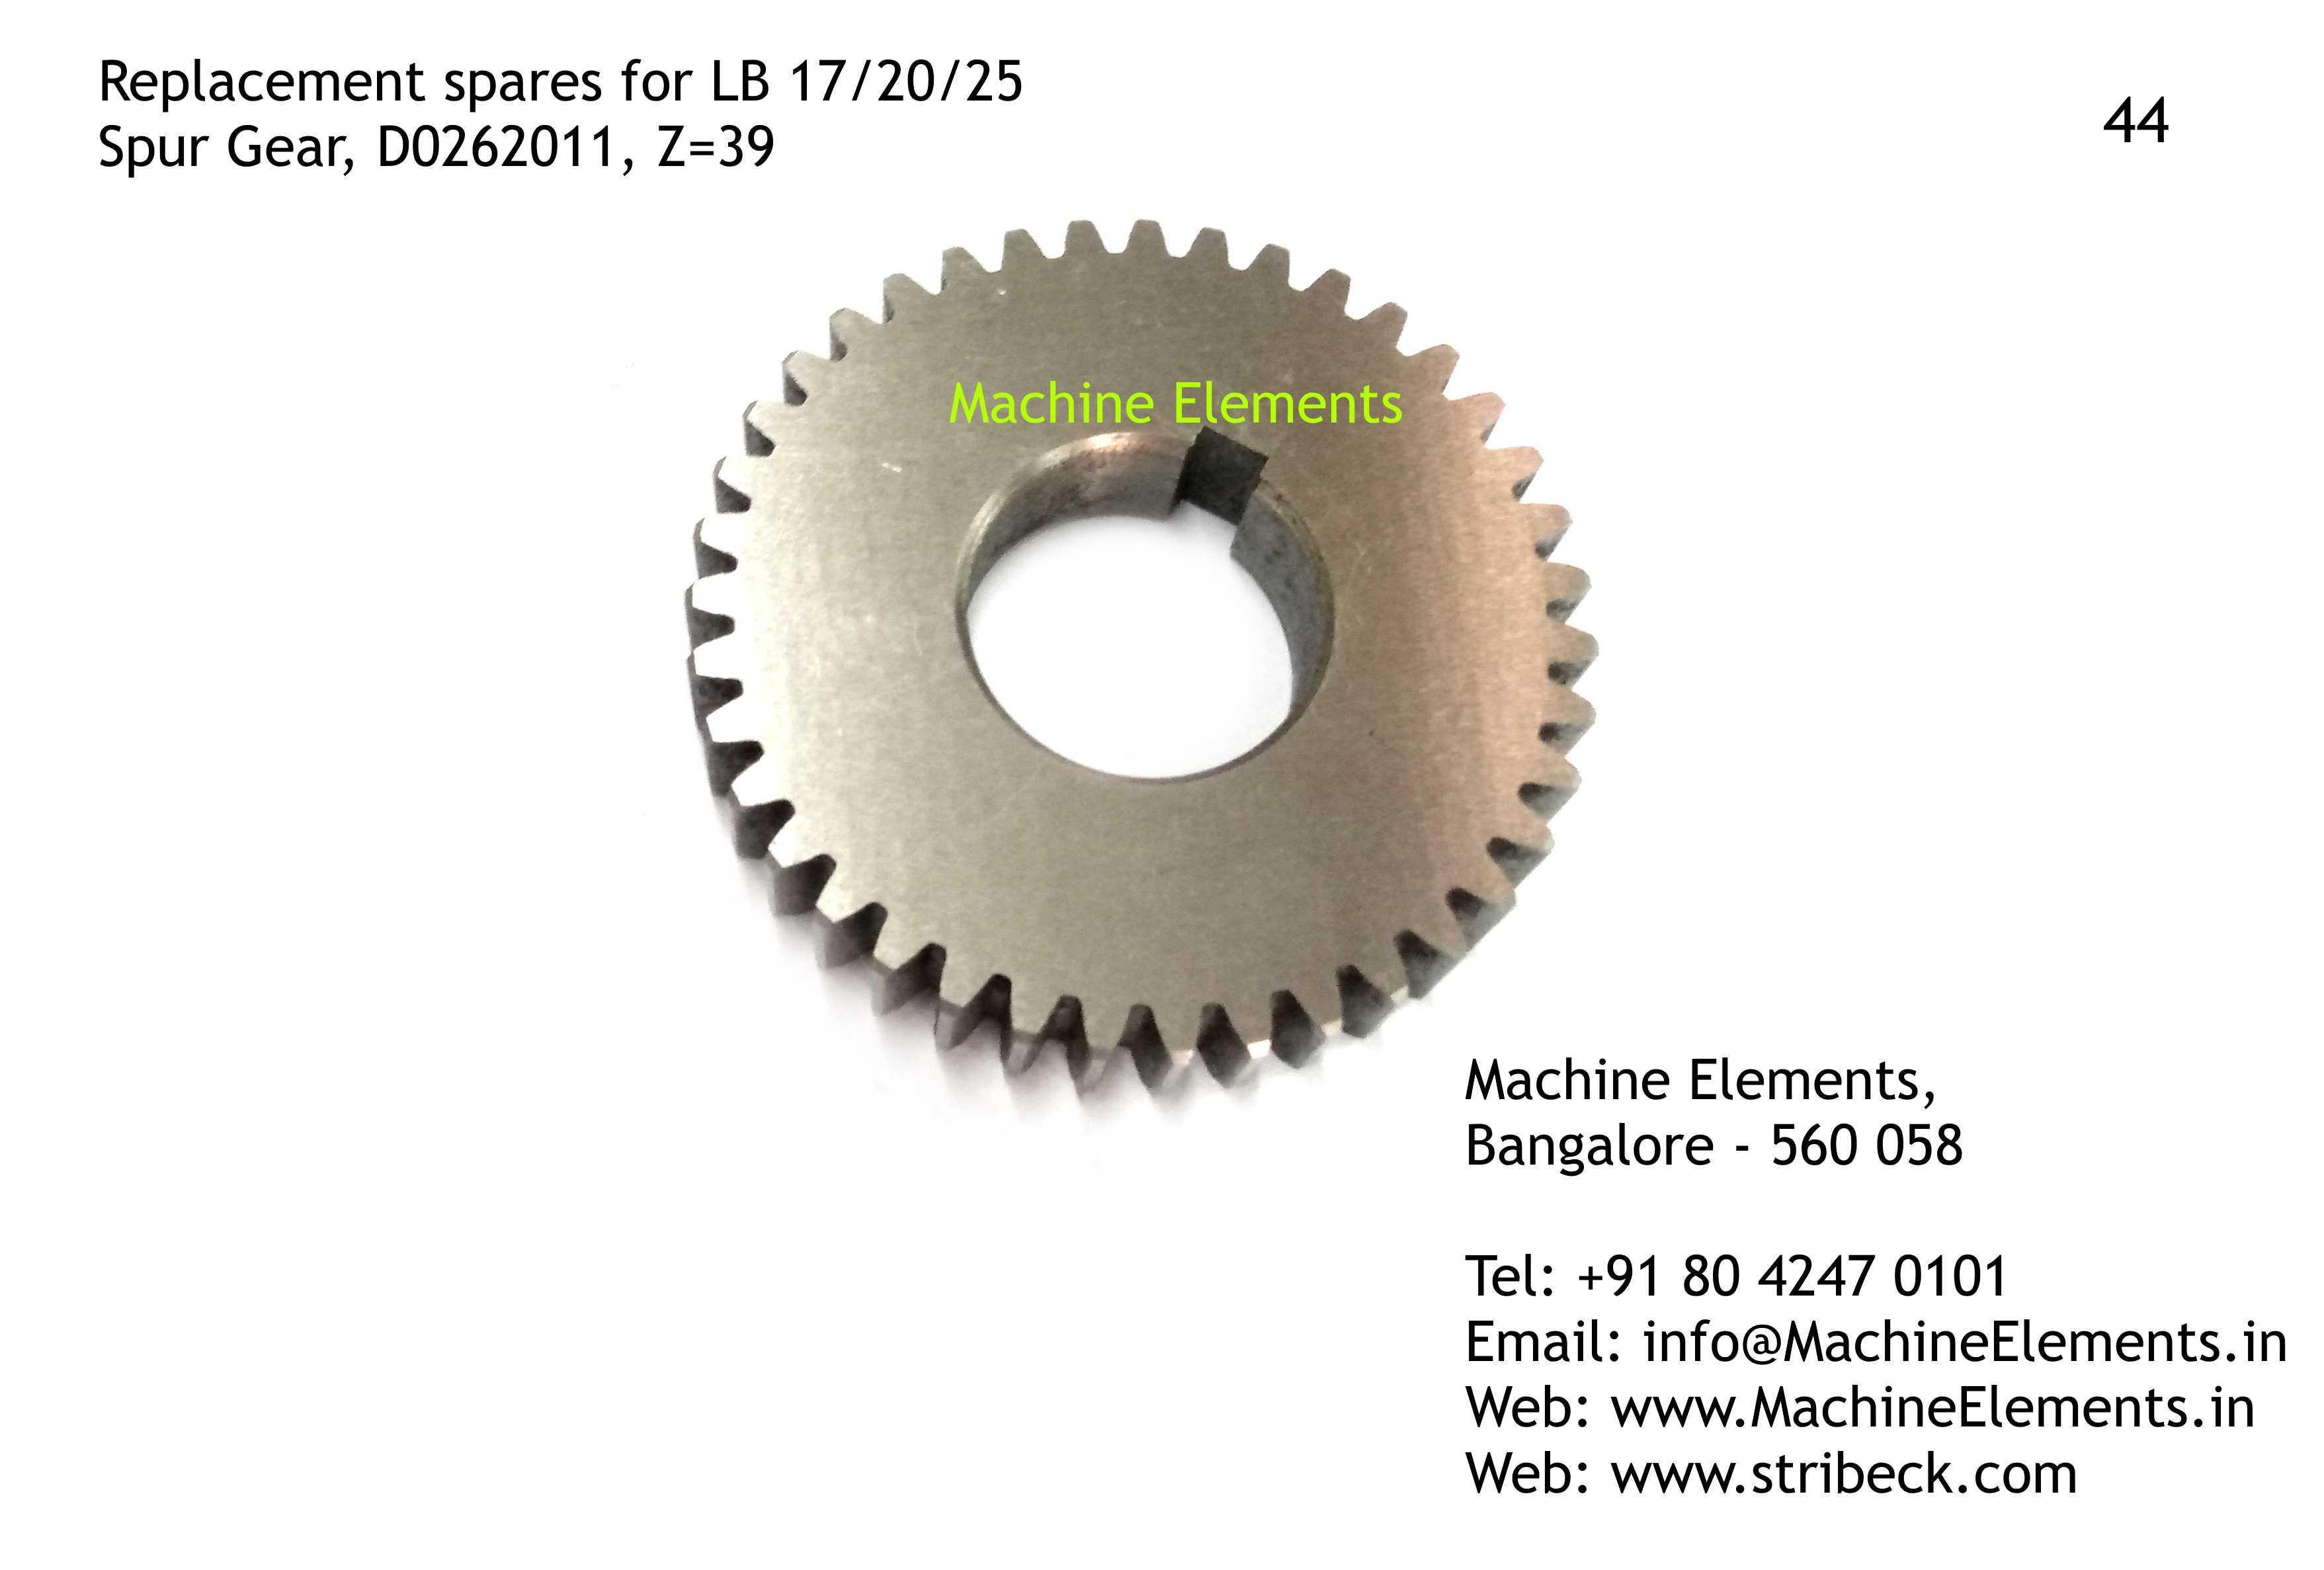 Spur Gear, D0262011, Z=39